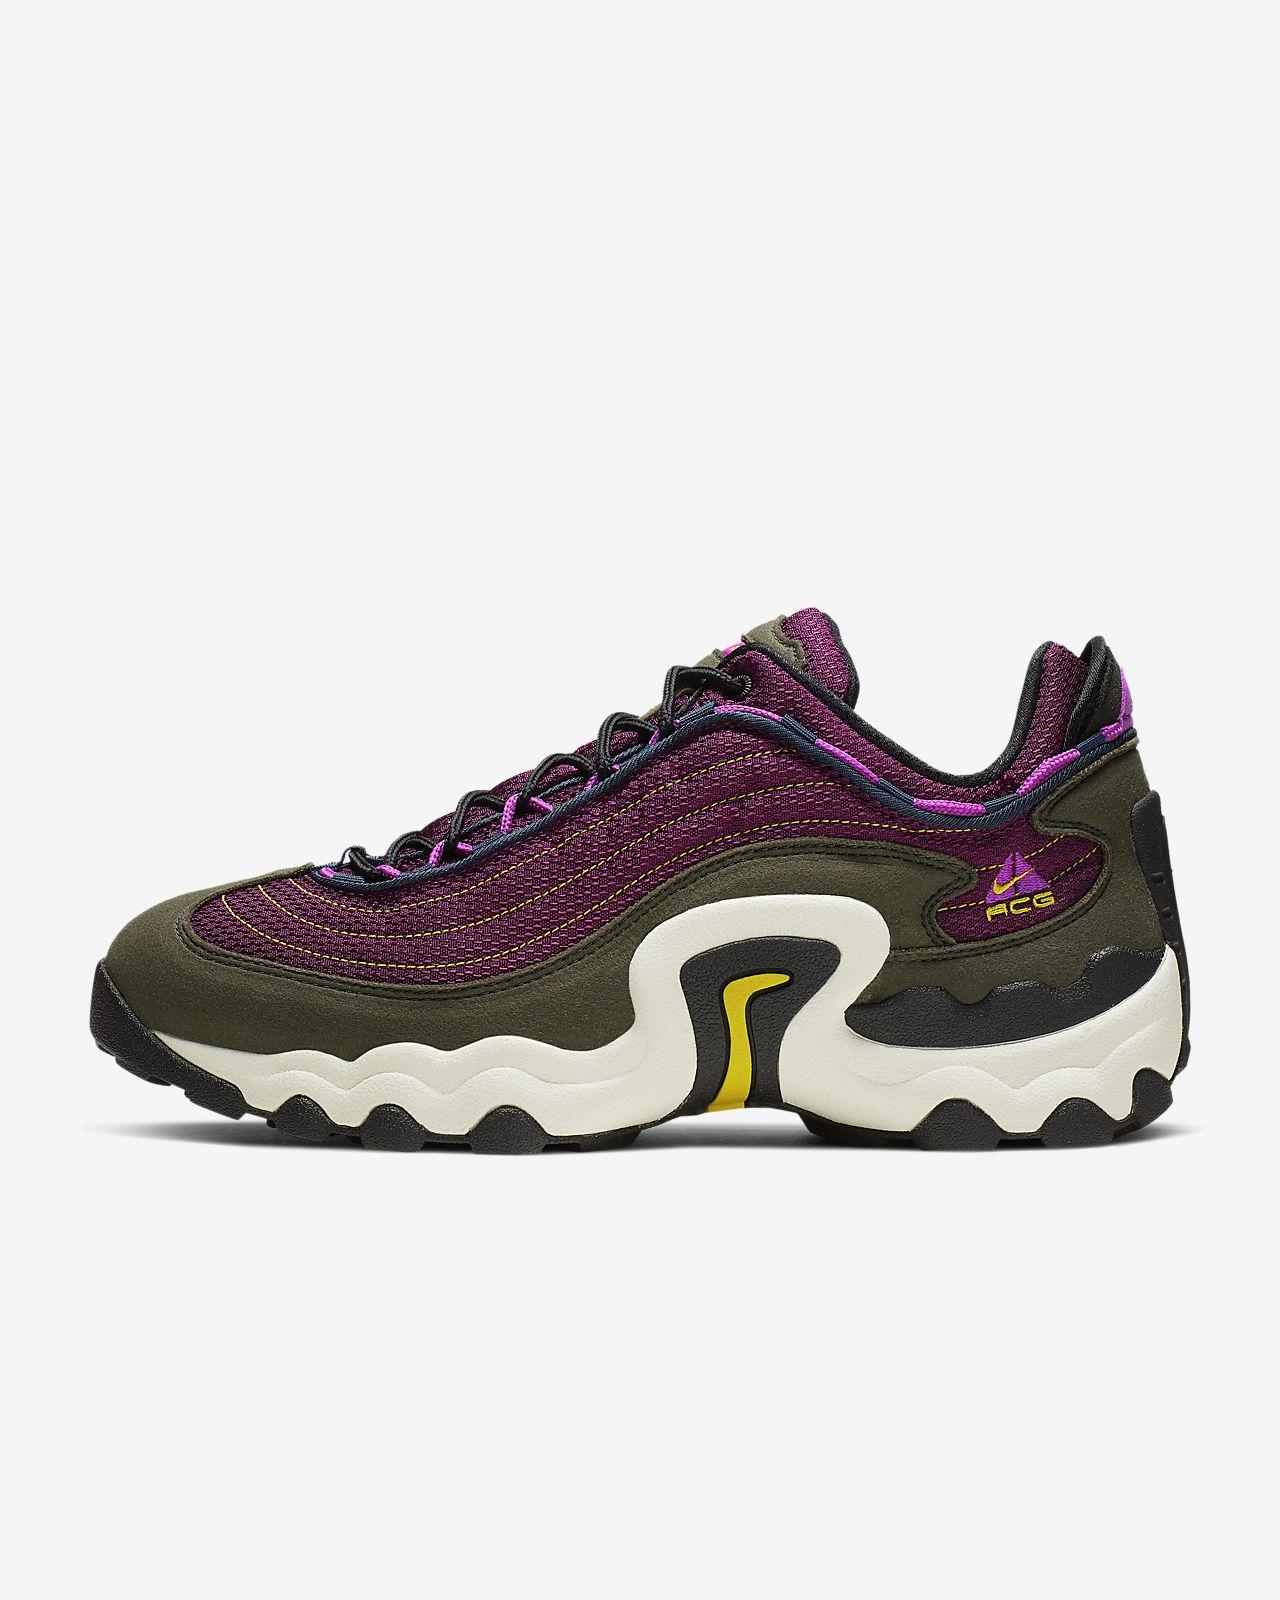 รองเท้าผู้ชาย Nike Air Skarn